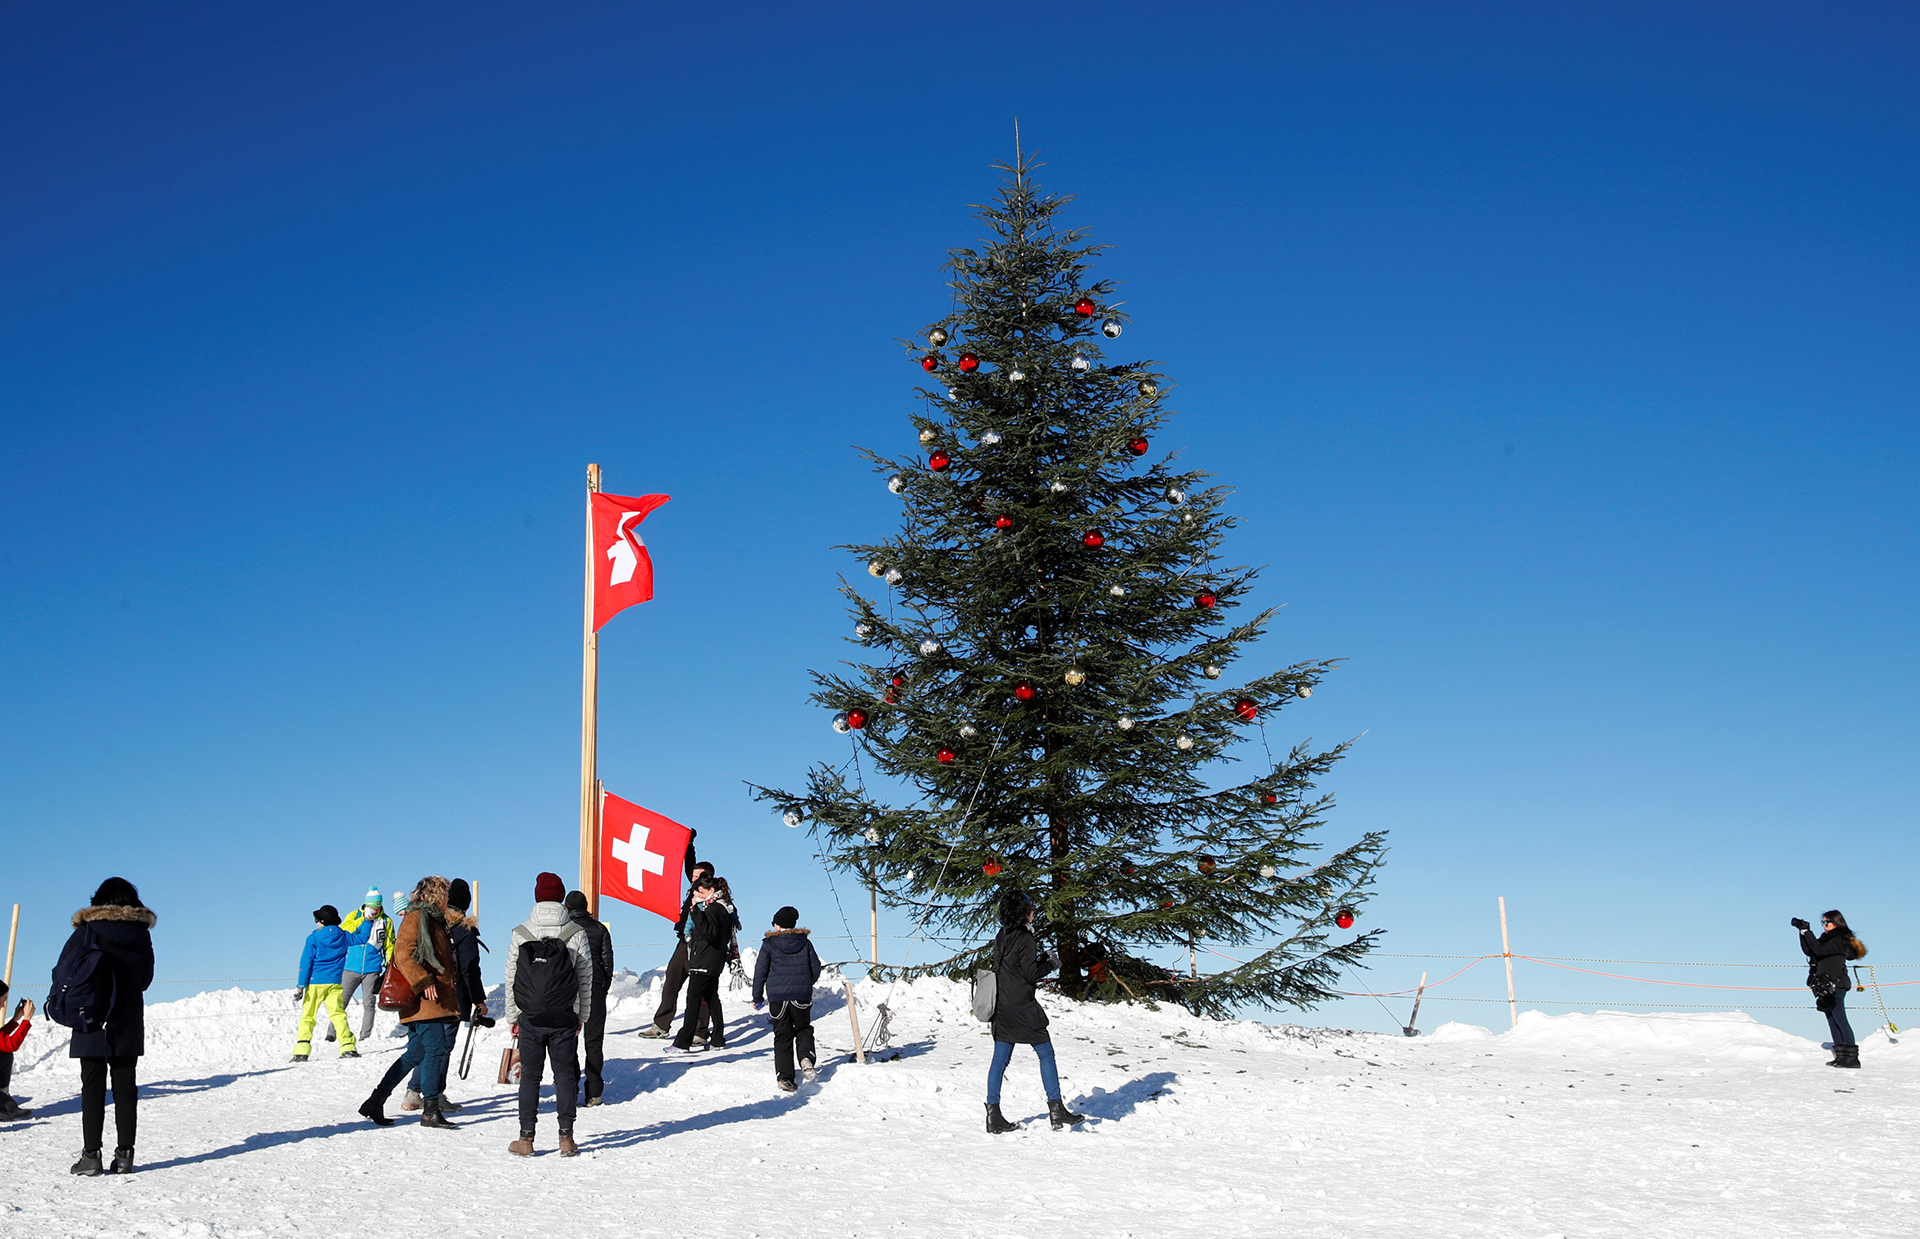 En la cima de una de las montañas nevadas de Suiza han decorado este árbol navideño para deleite de los turistas